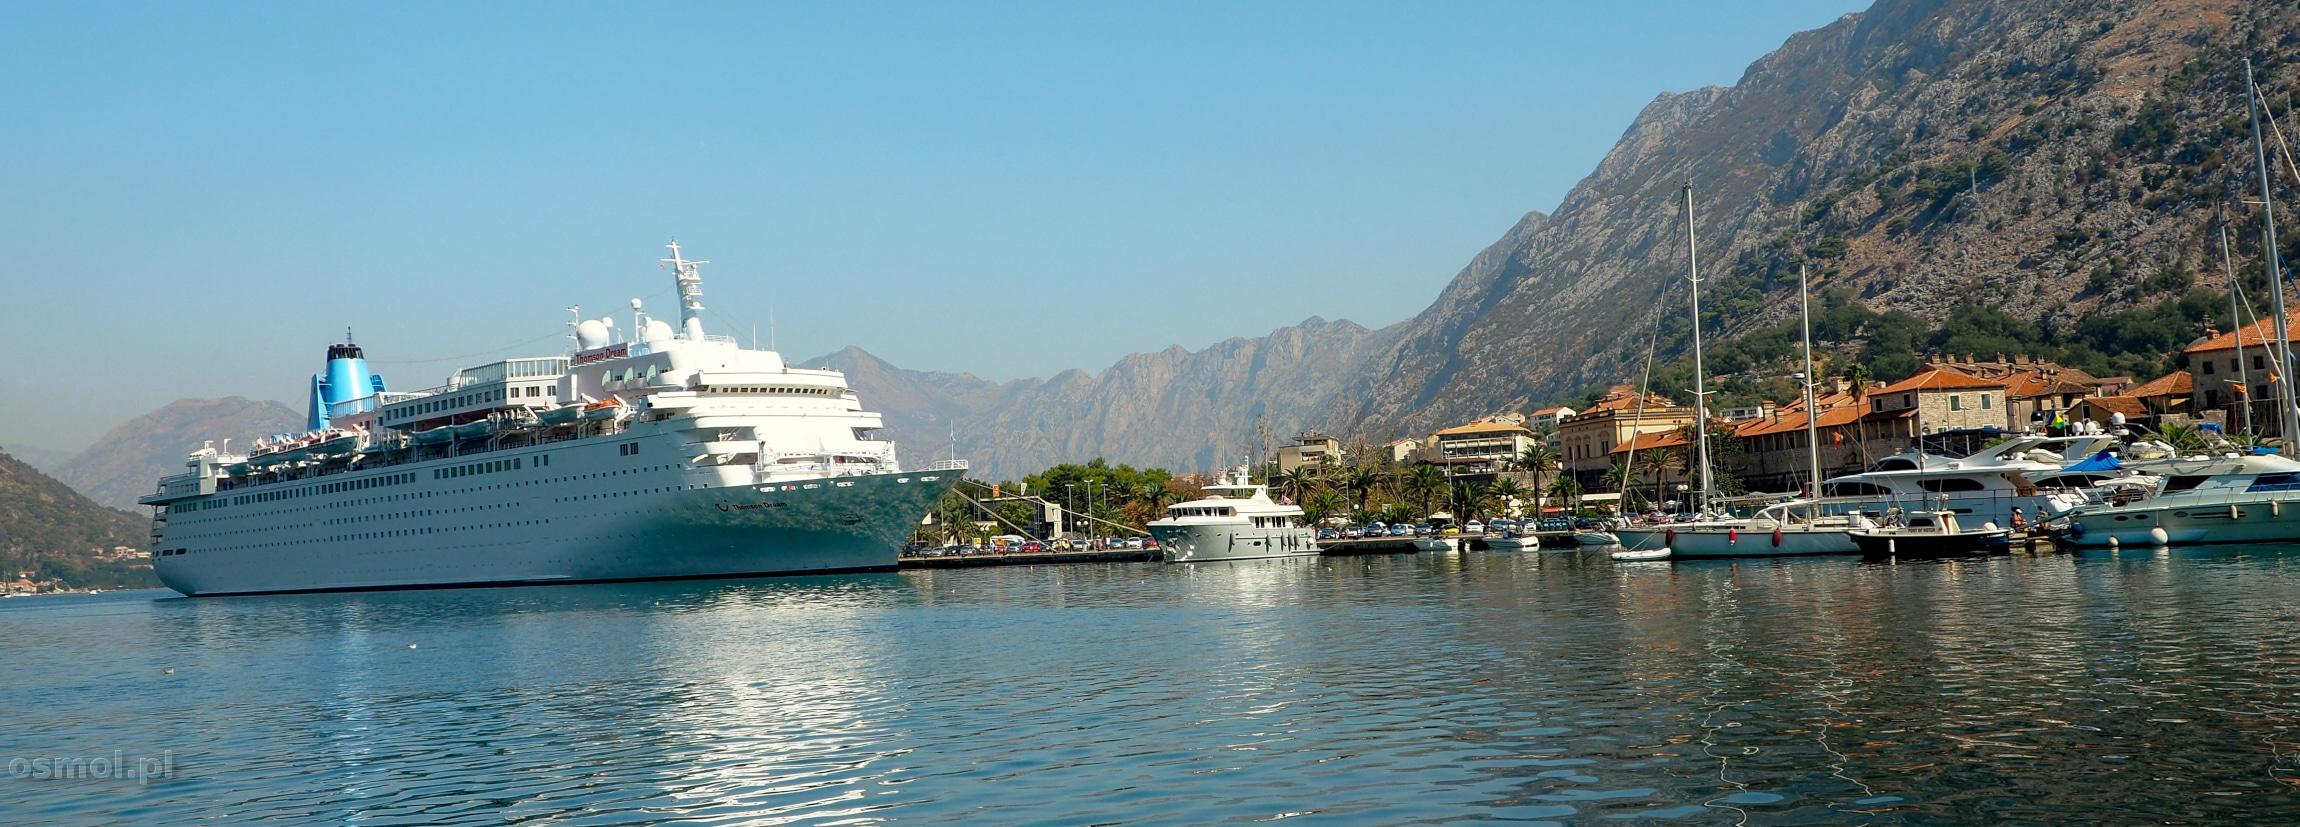 Port w Kotorze